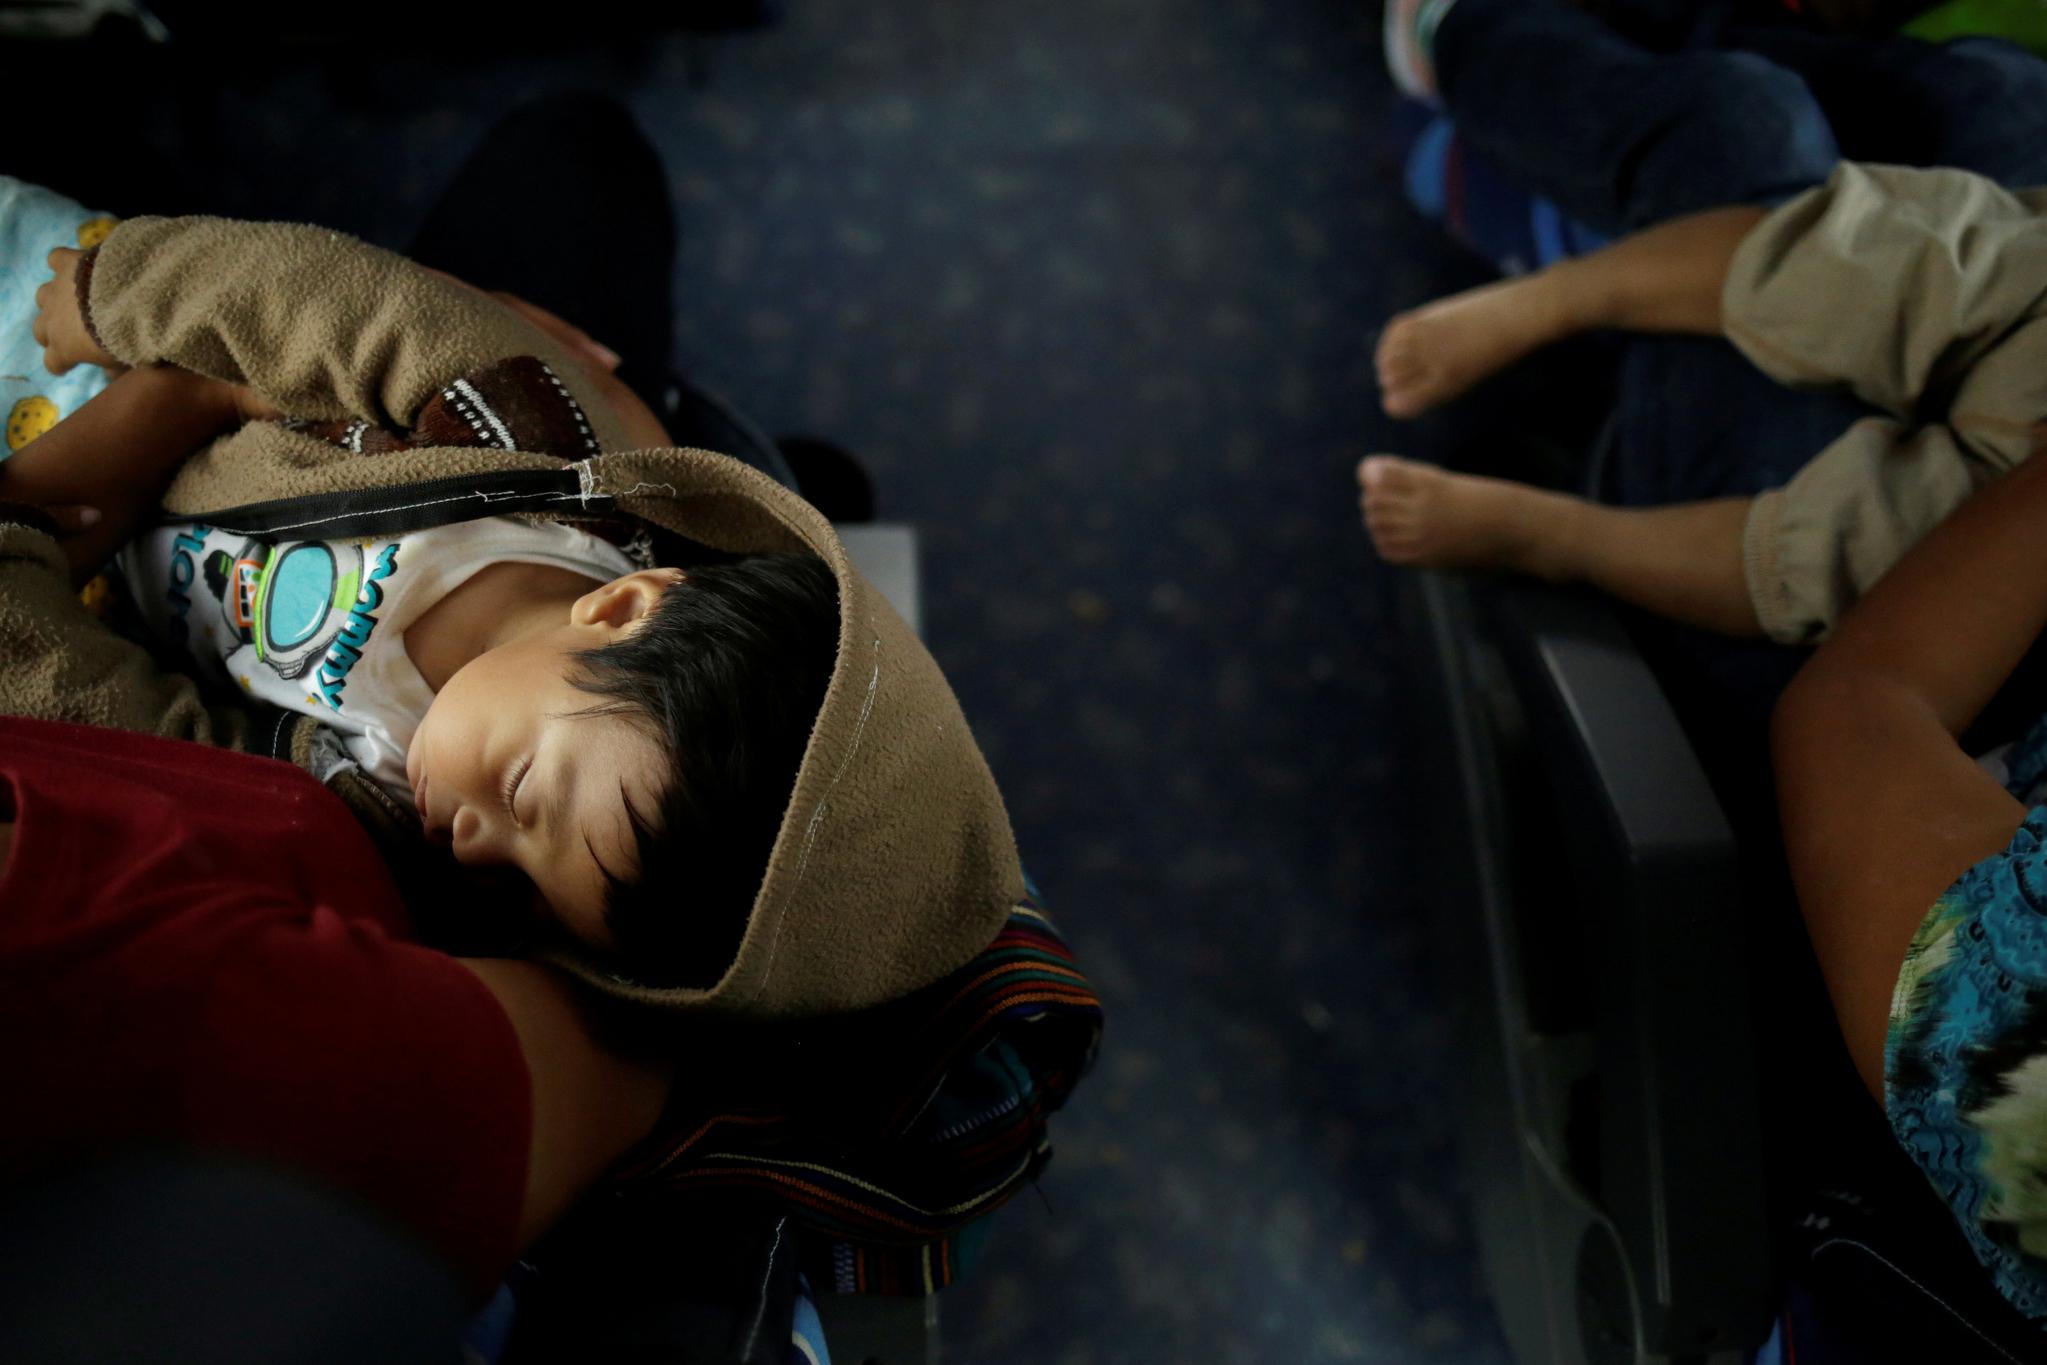 2일(현지시간) 열악한 환경을 견디다 못해 다시 멕시코로 돌아가는 길 을 선택한 이민자 아이들이 귀경 버스안에서 잠을 자고 있다. [로이터=연합뉴스]